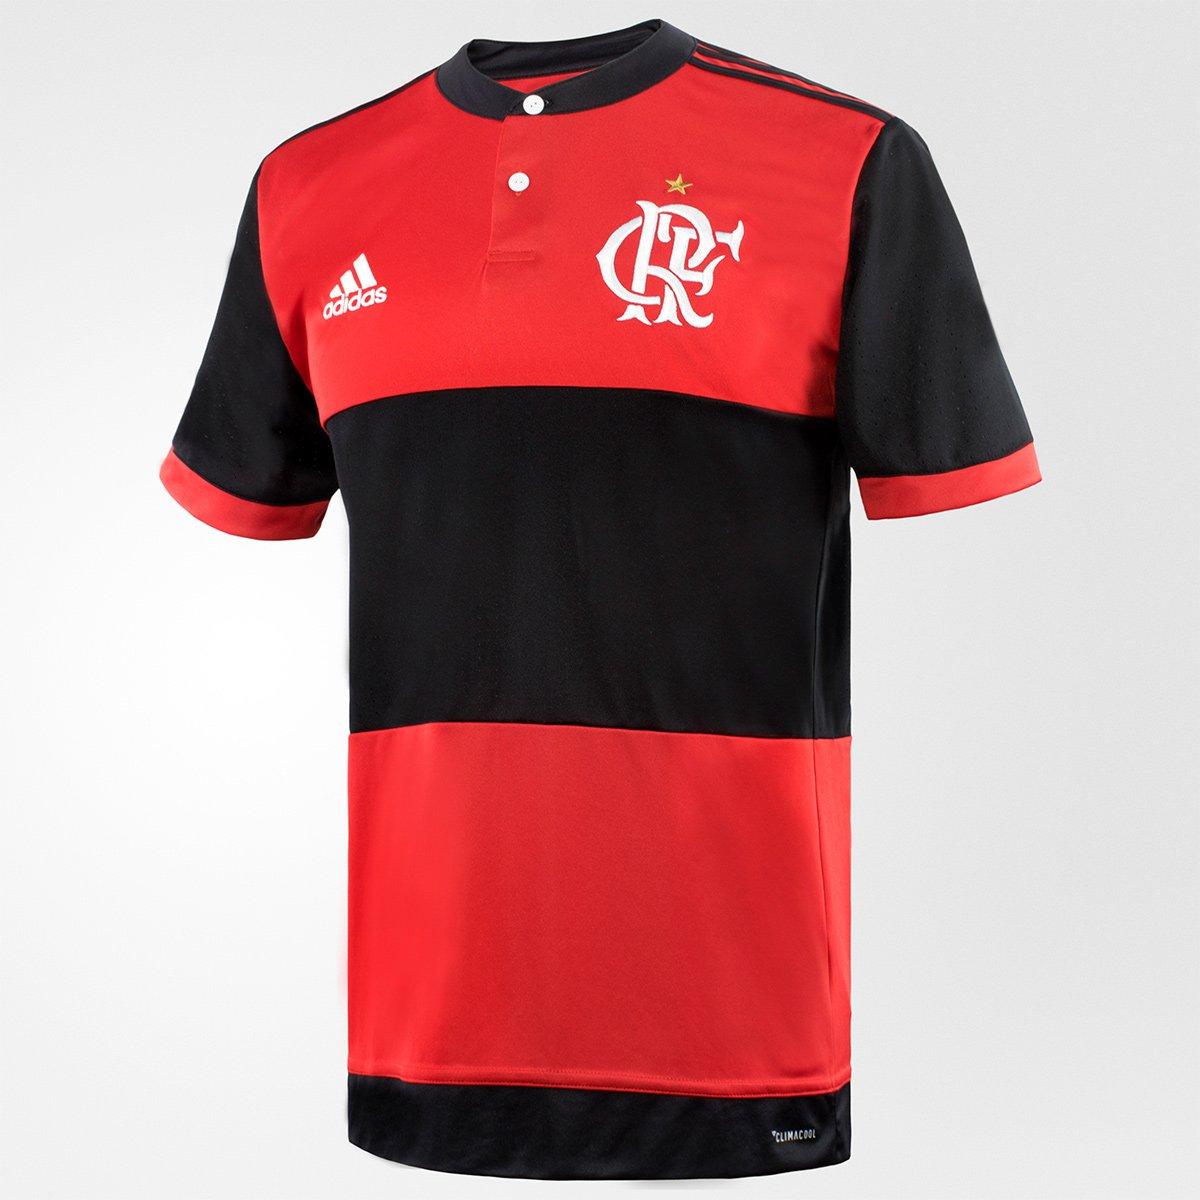 Camisa Flamengo I 17 18 s nº - Torcedor Adidas Masculina - Compre ... d540181e5a9f2